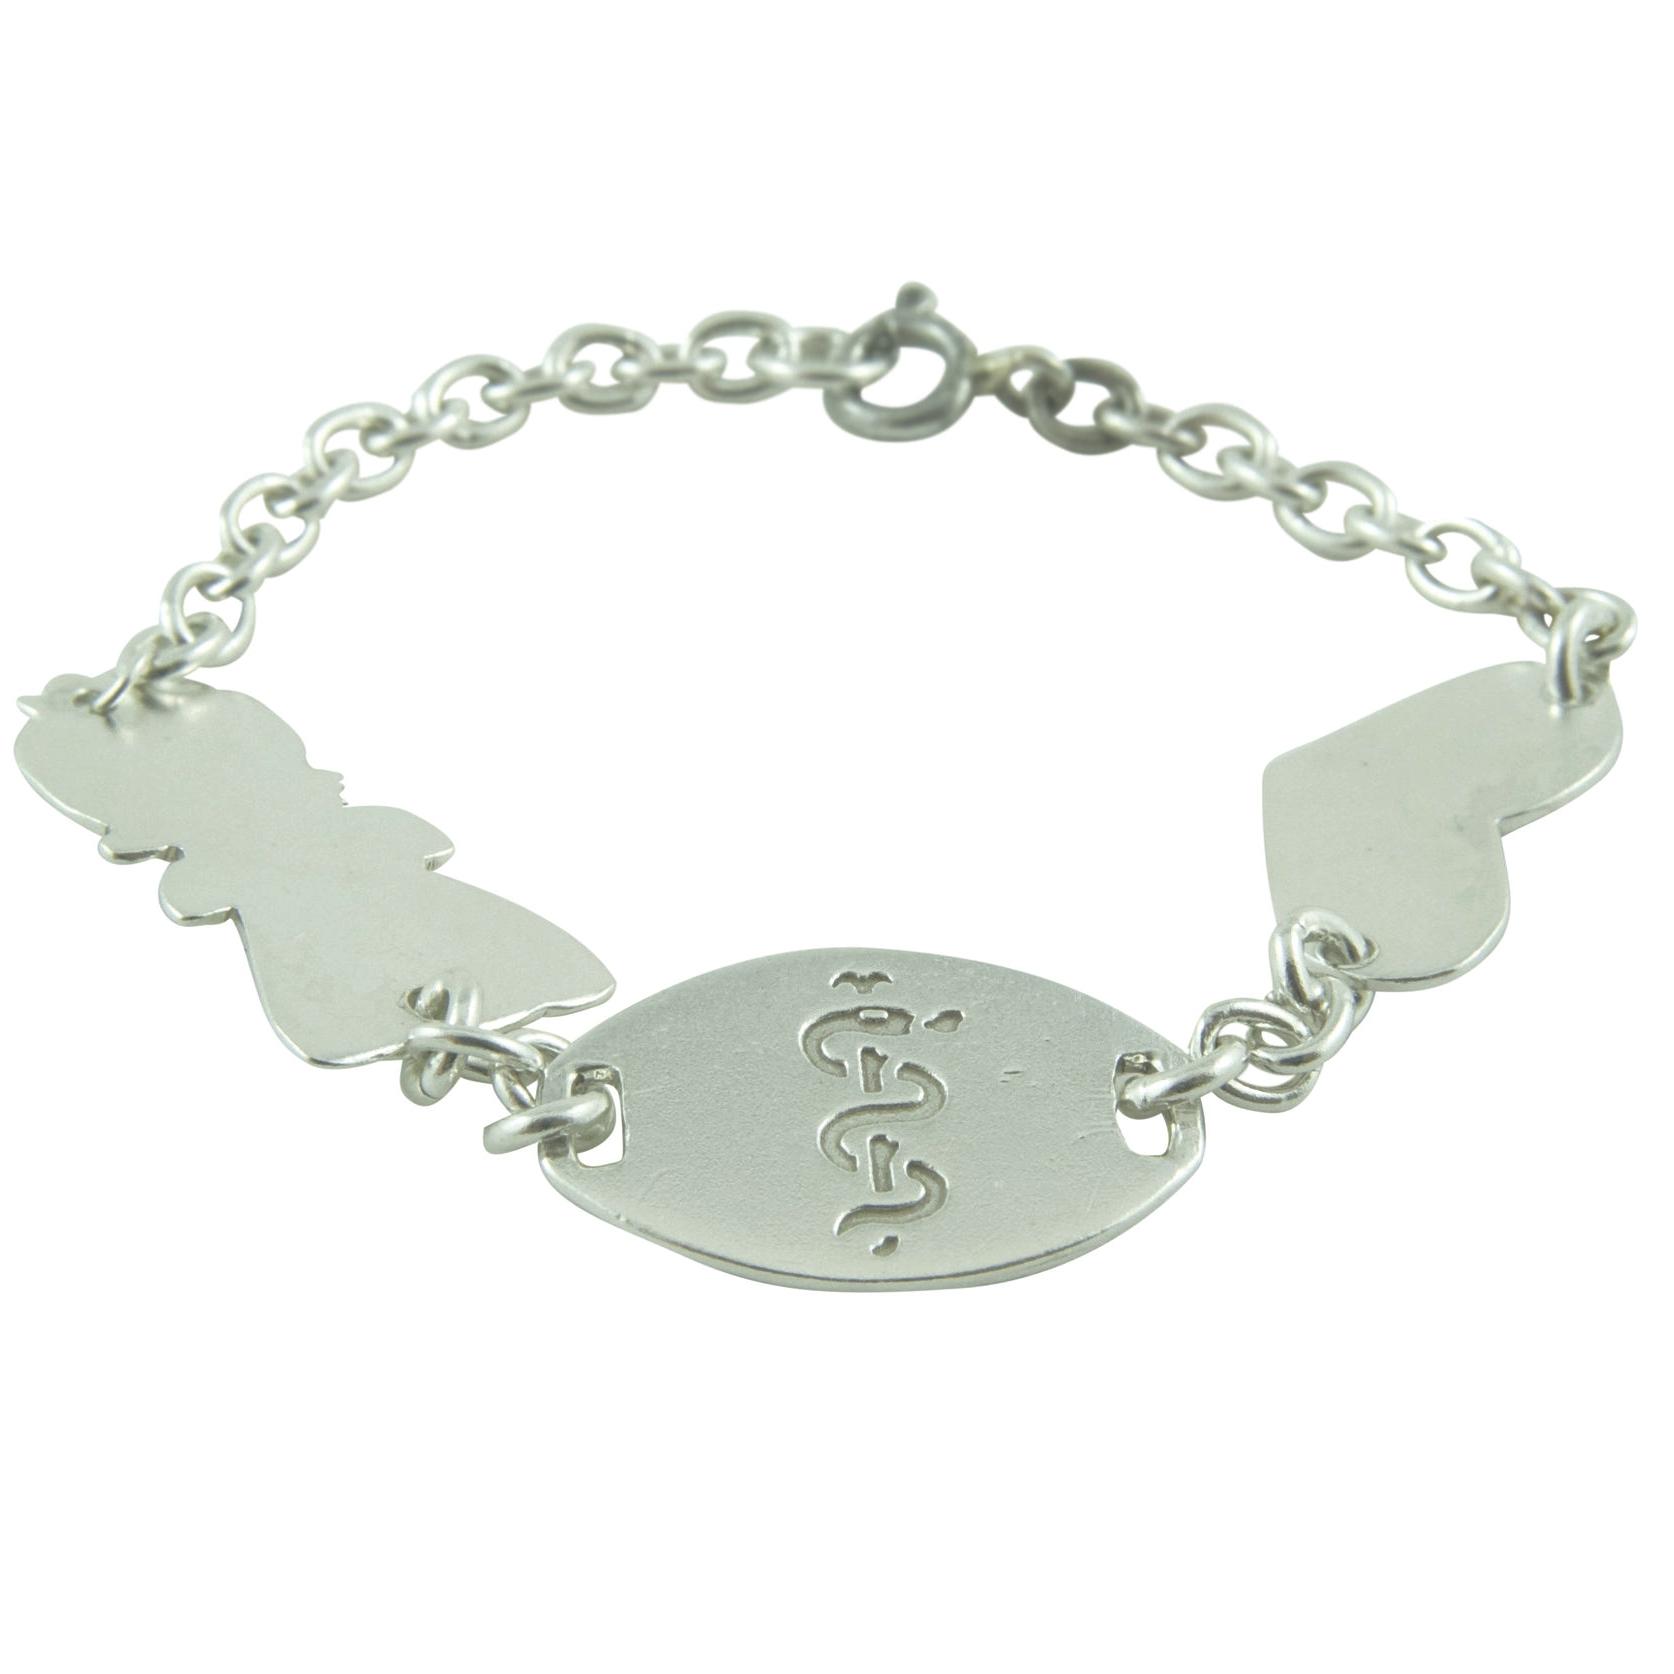 Sterling Silver Medical Alert Bracelet. Name & Address (not shown) on girl & heart